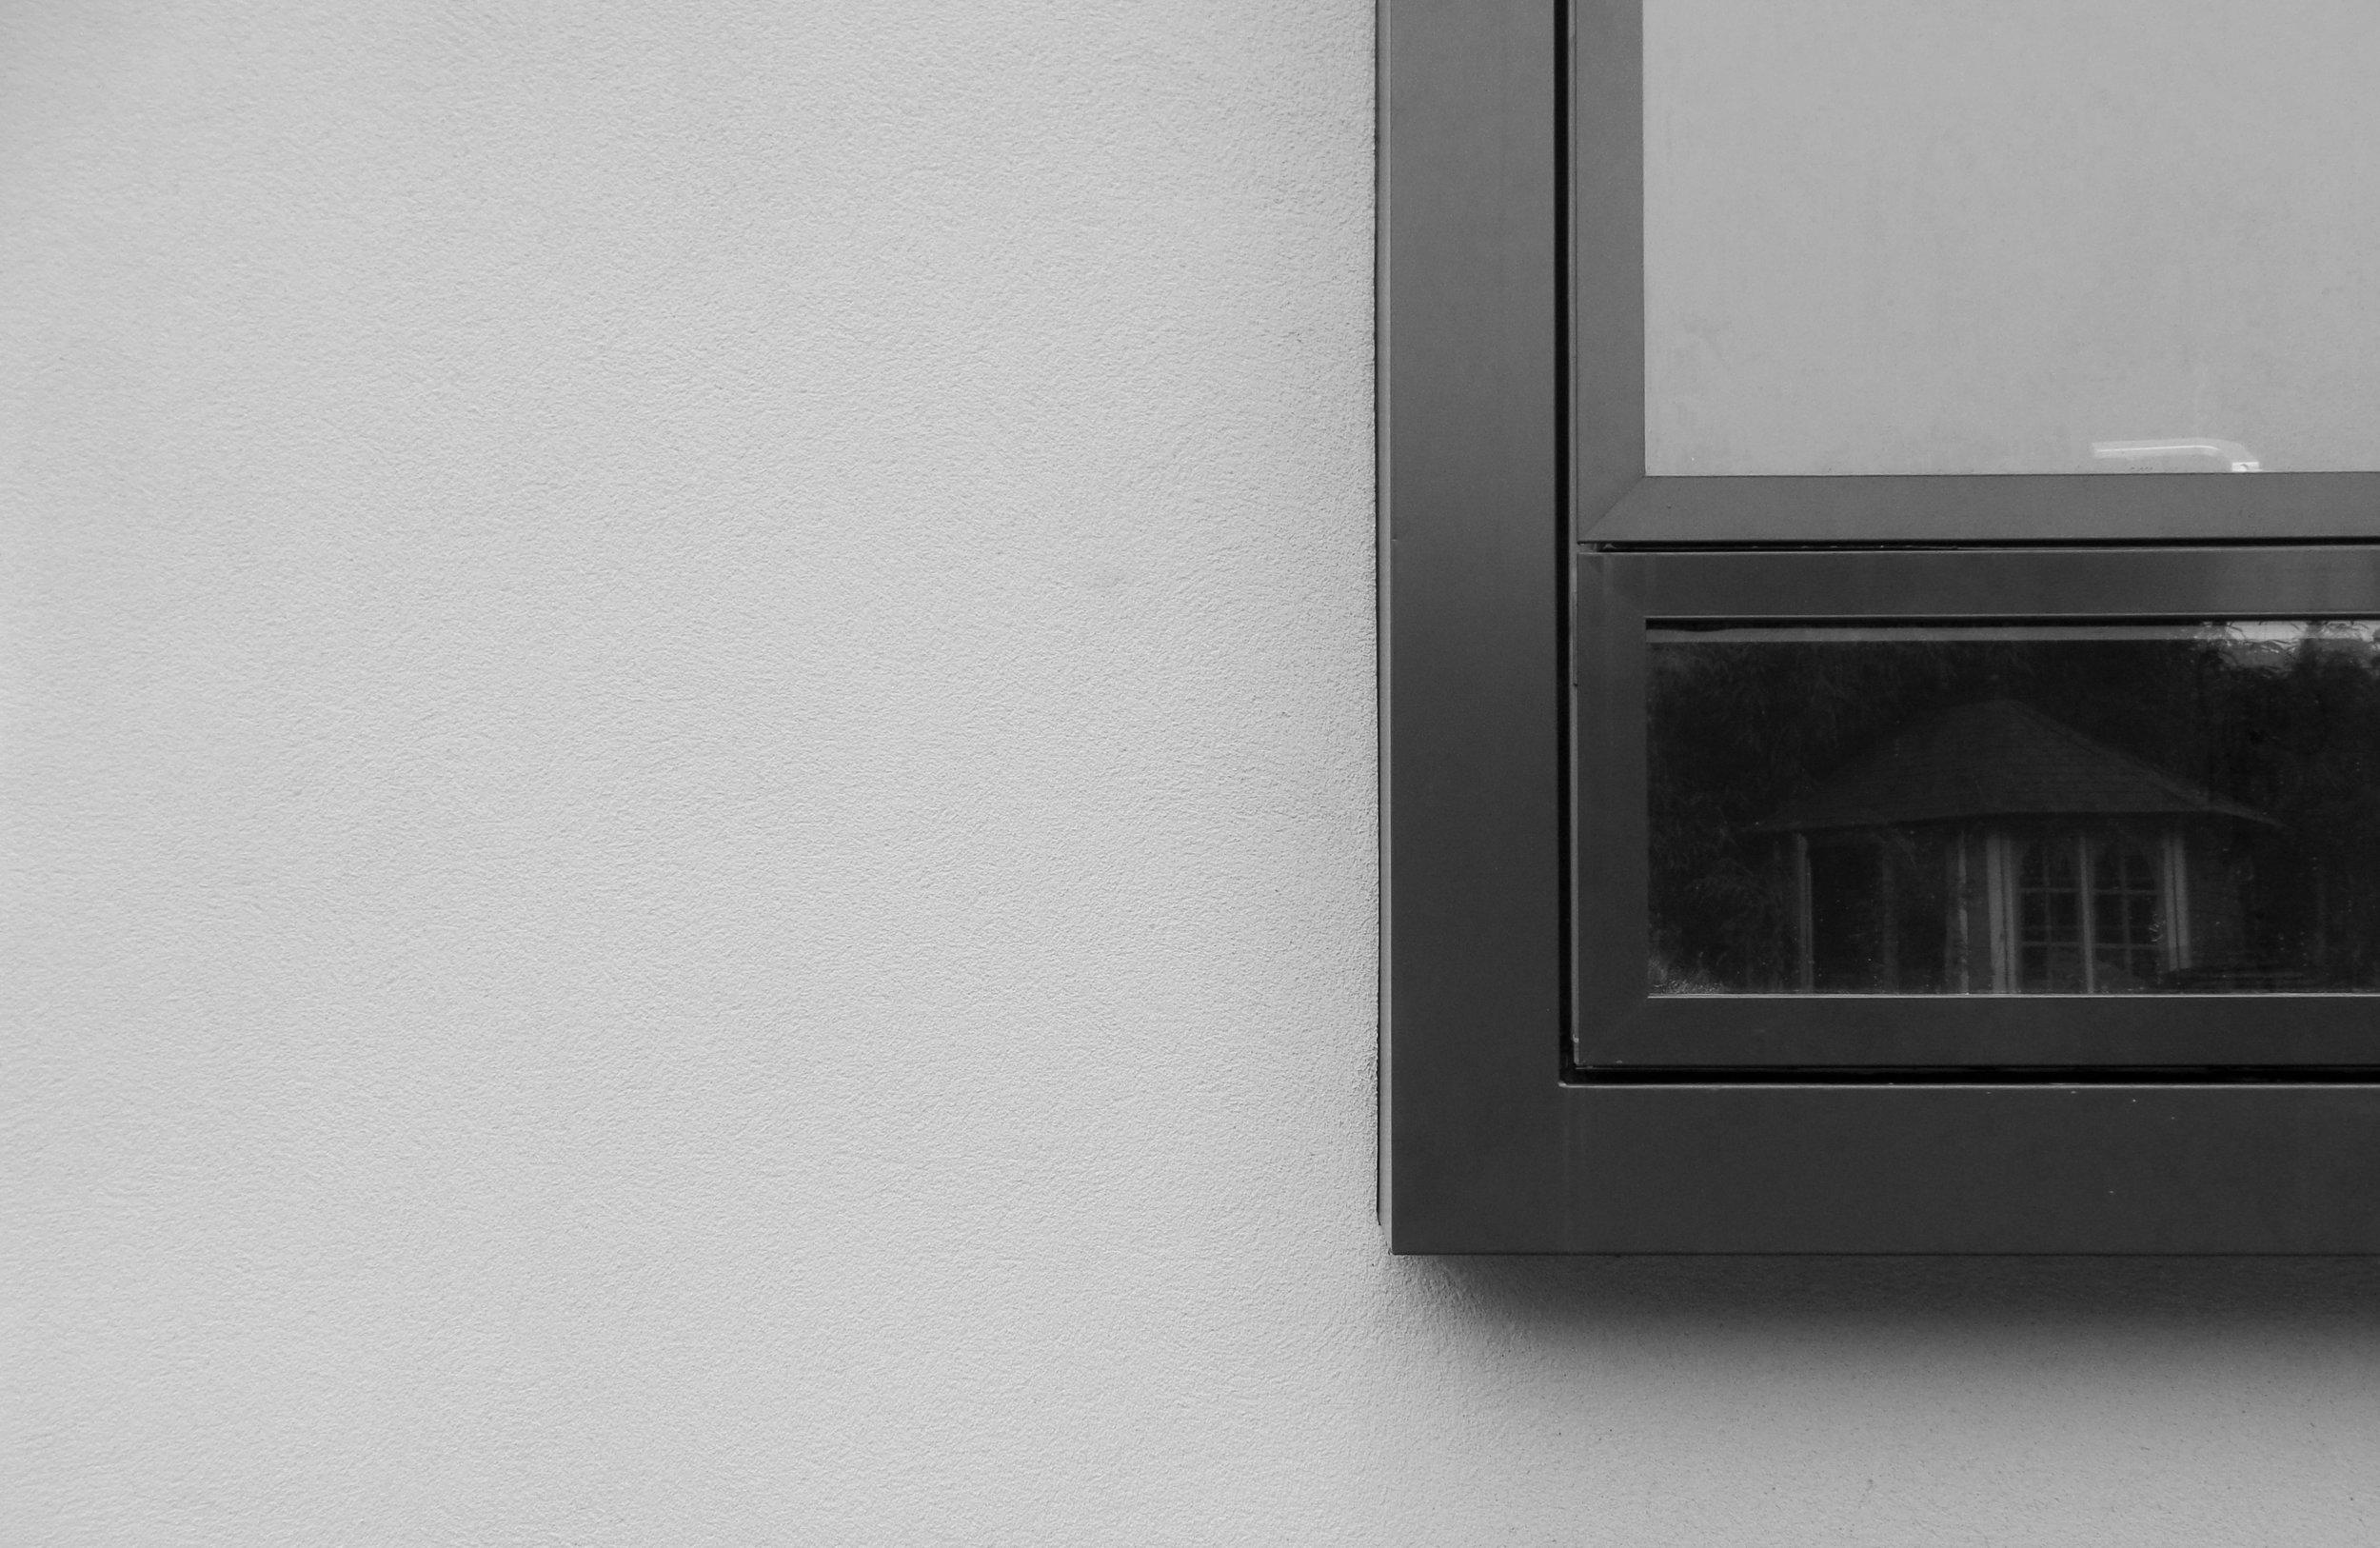 67BS01_window.jpg